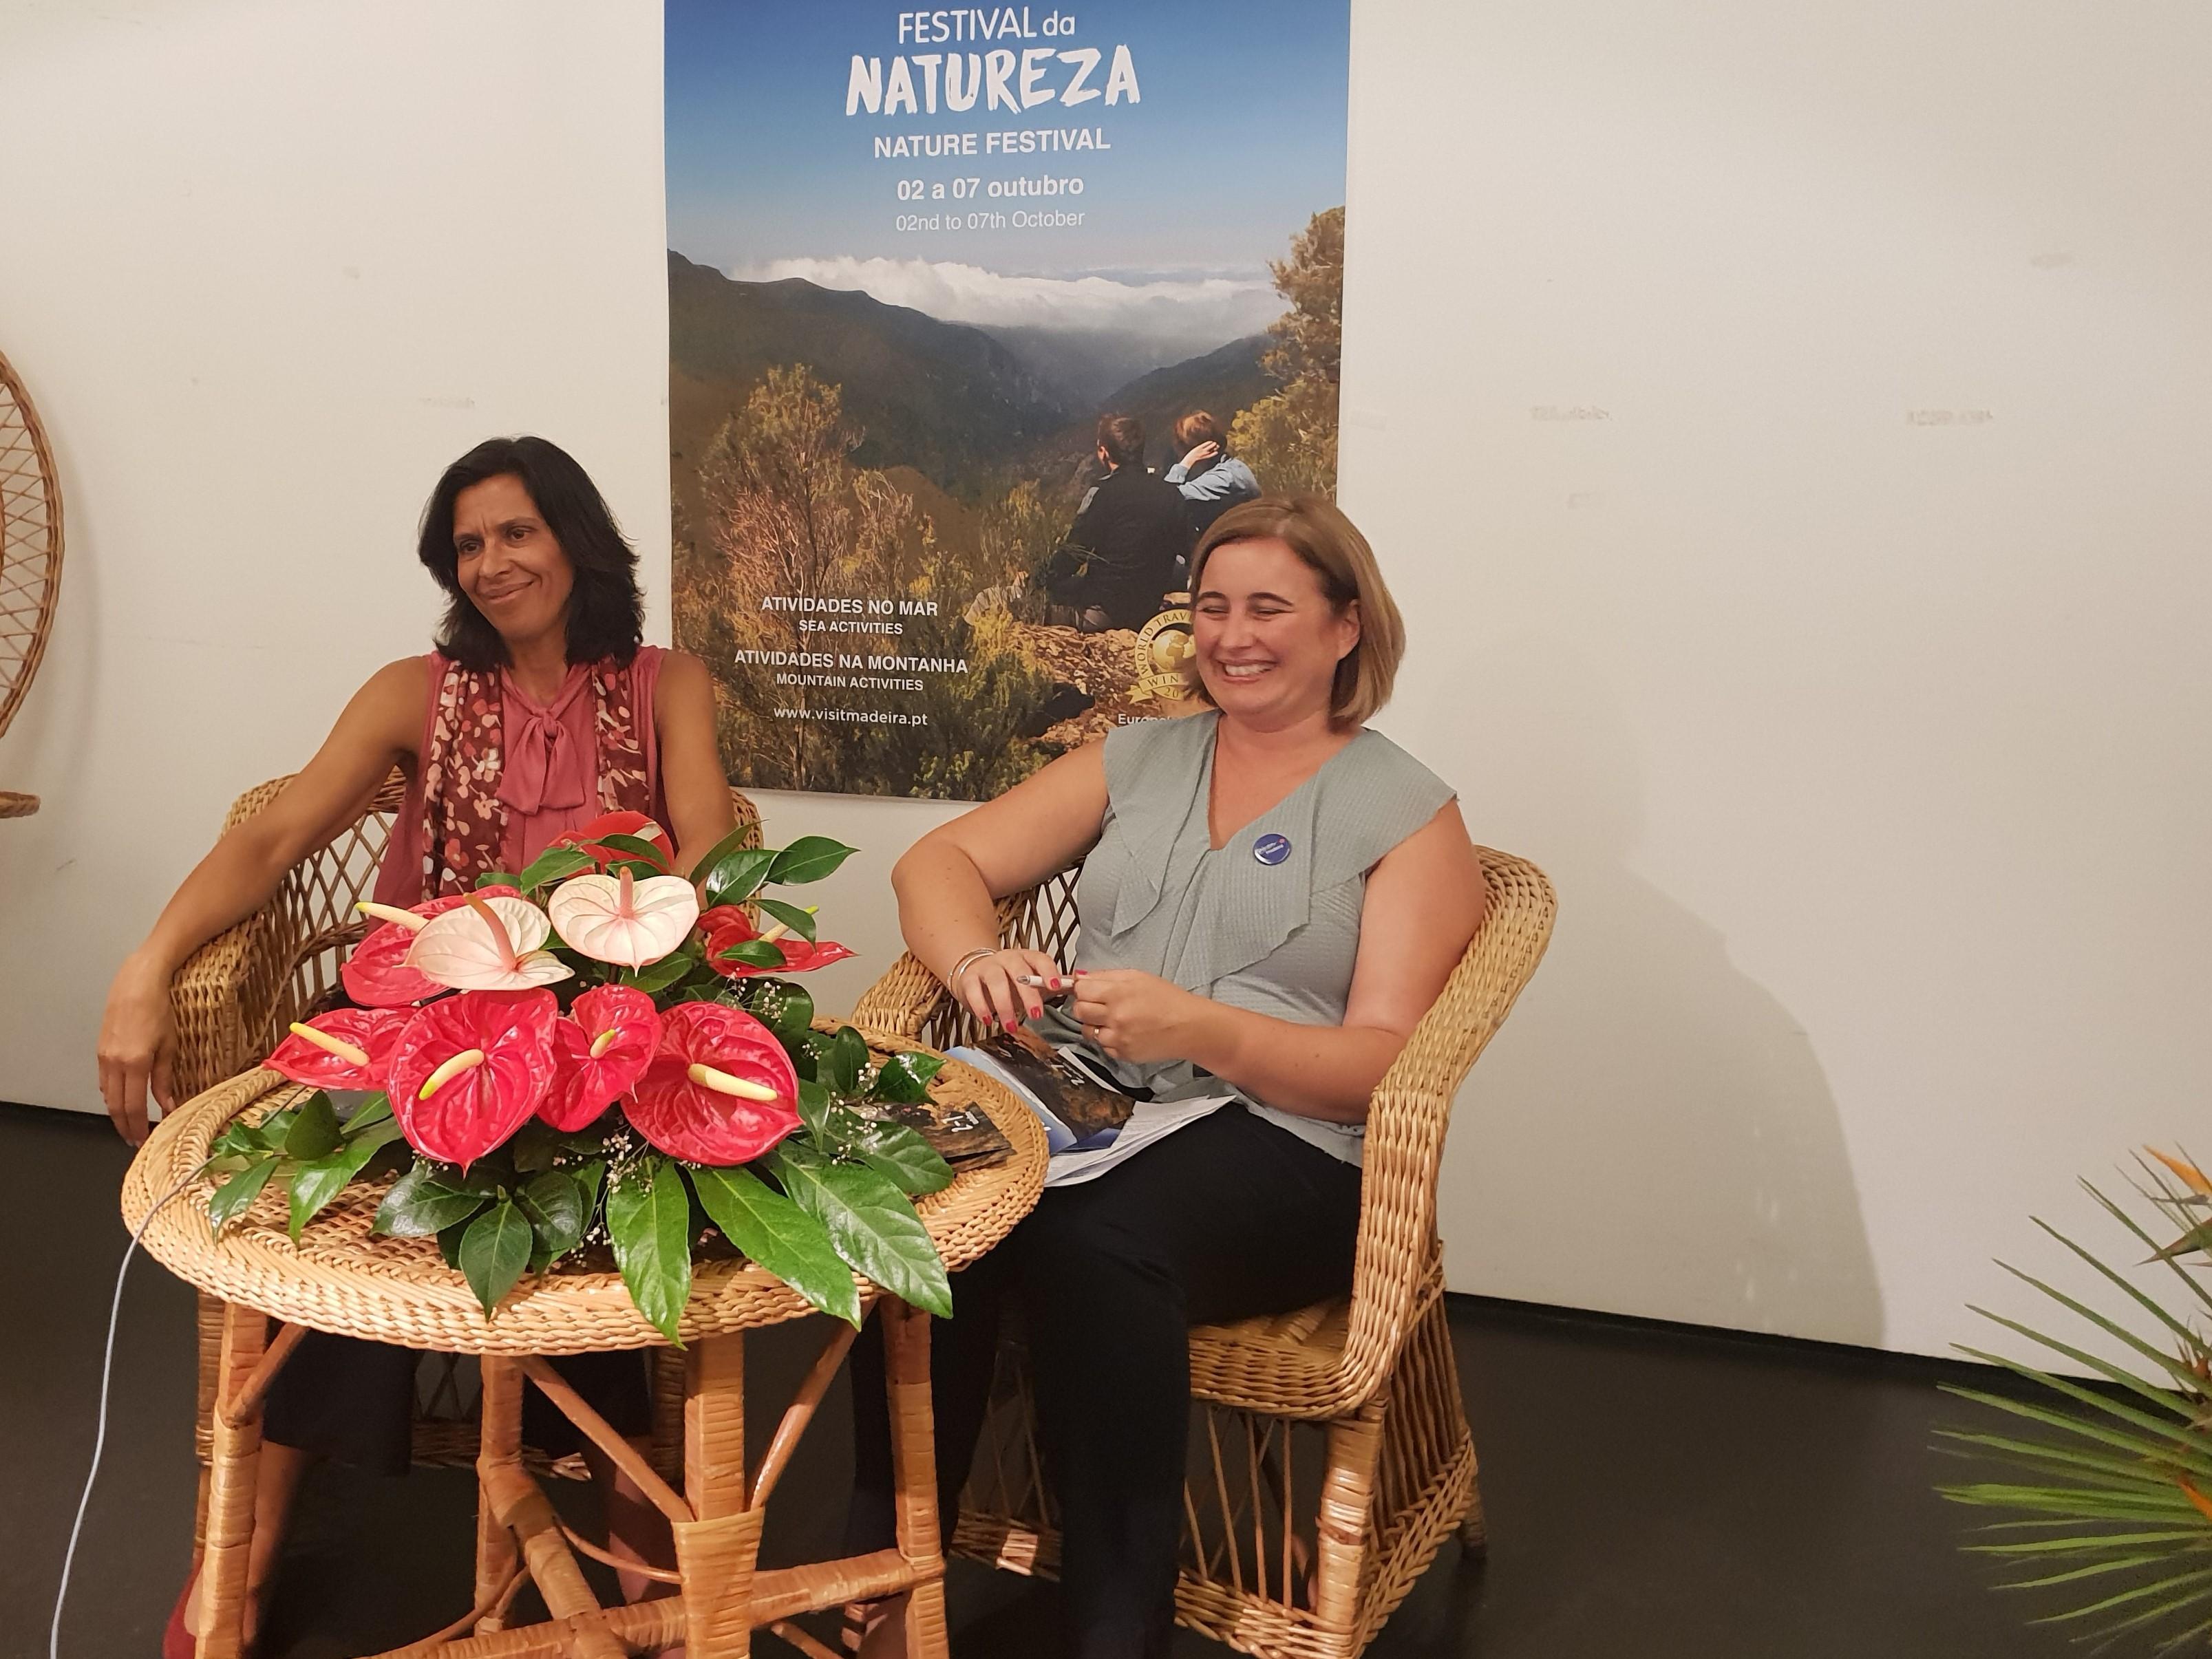 Festival da Natureza arranca com 23 atividades, em 8 concelhos, incluindo, pela primeira vez, o Porto Santo.